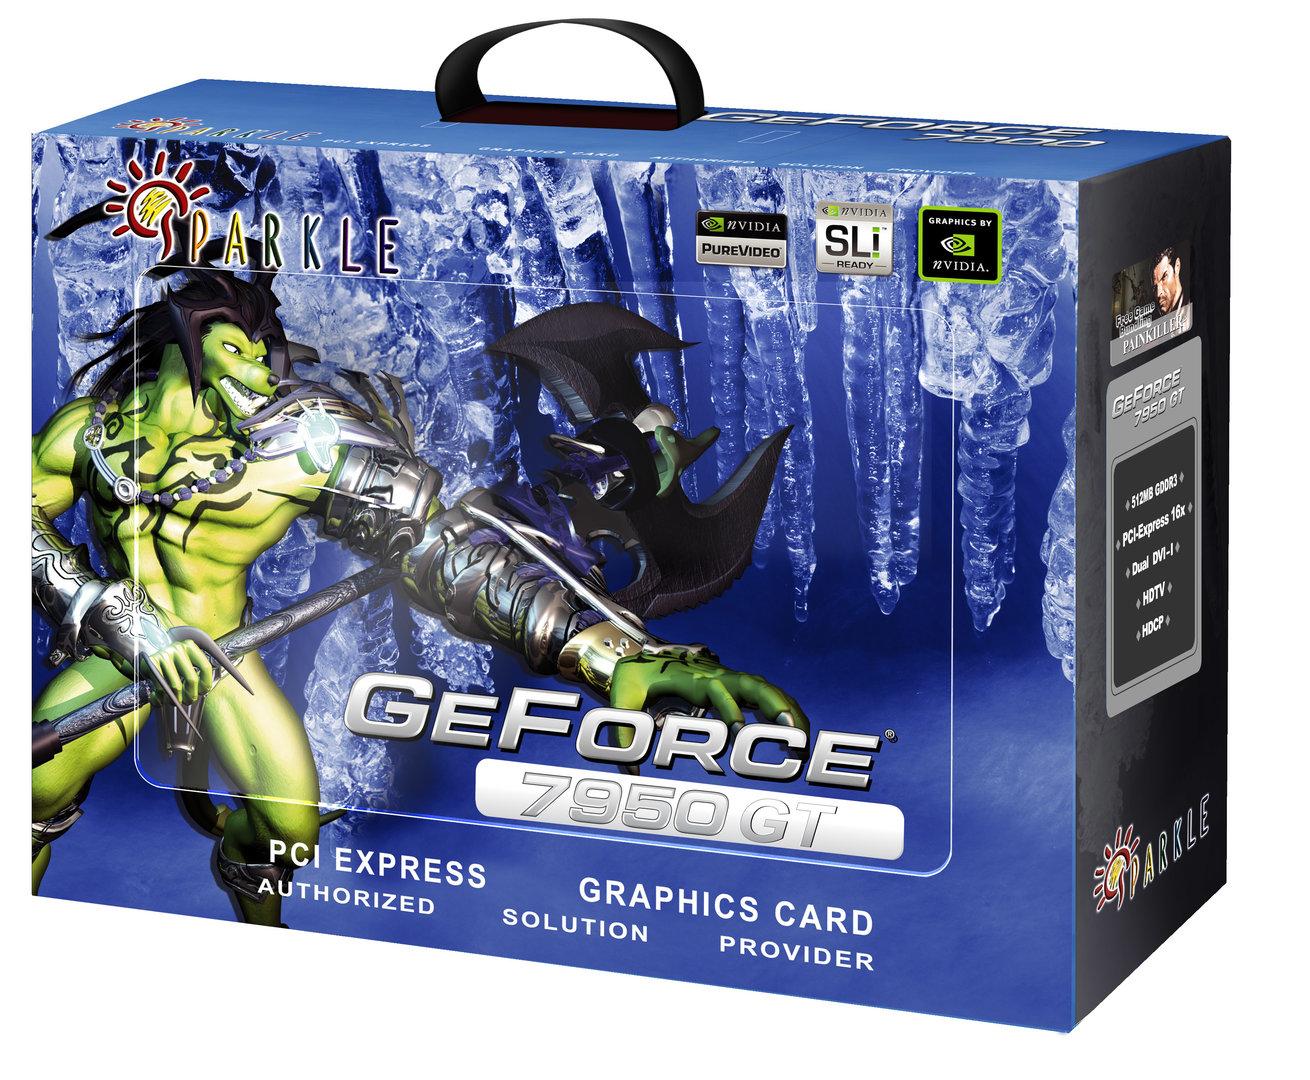 Sparkle GeForce 7950GT